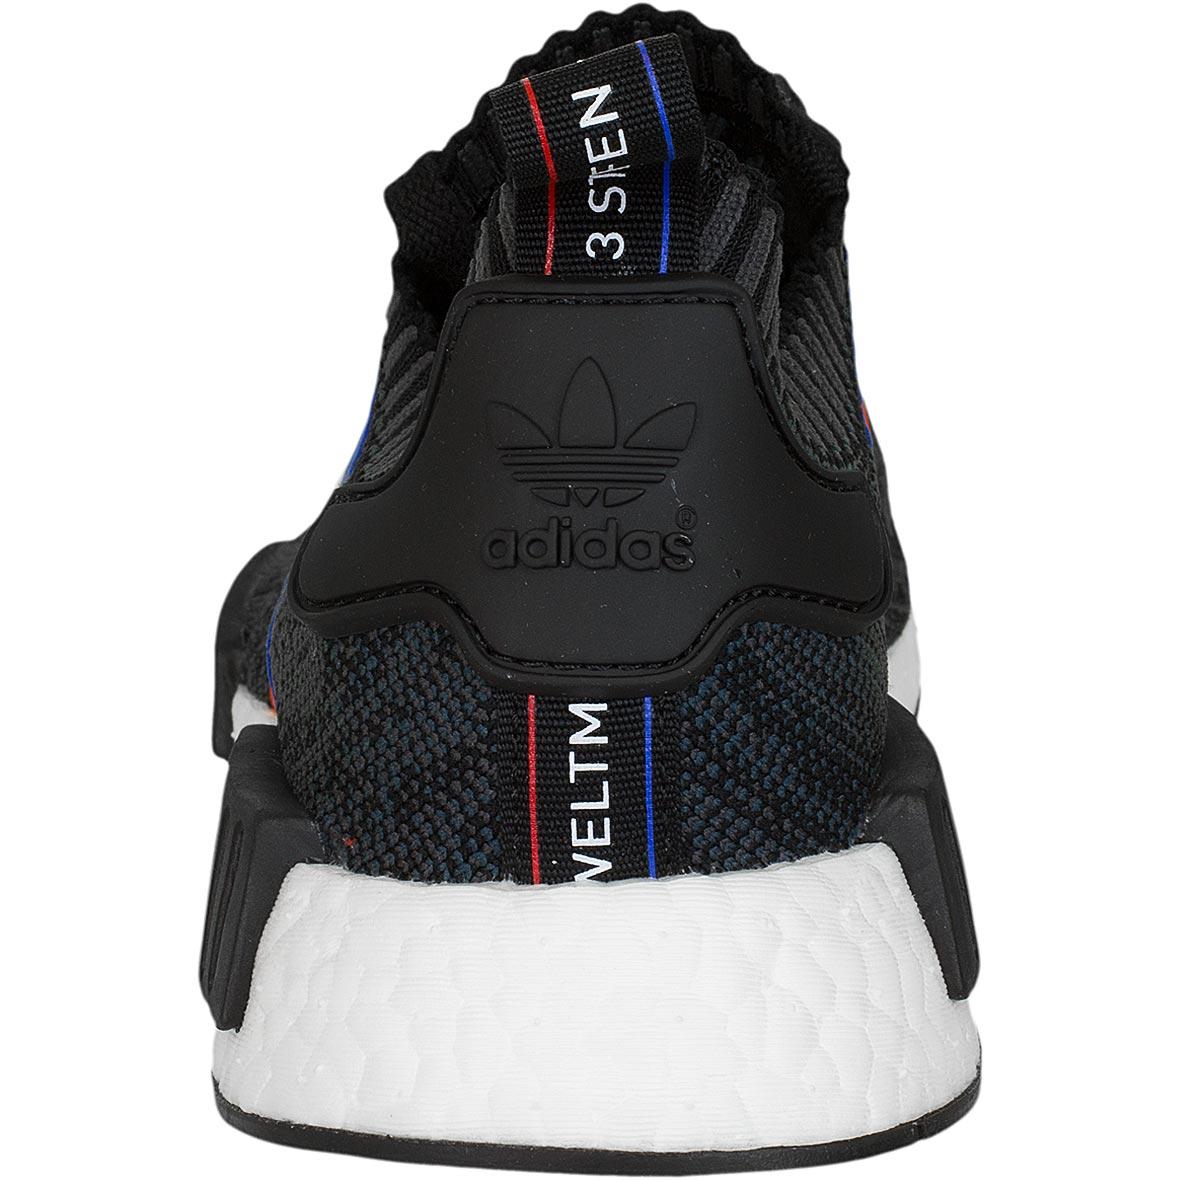 Schnäppchen Verkauf | BlauSchwarz weiß Adidas Nmd Xr1 w Primeknit Lovers Schweiz